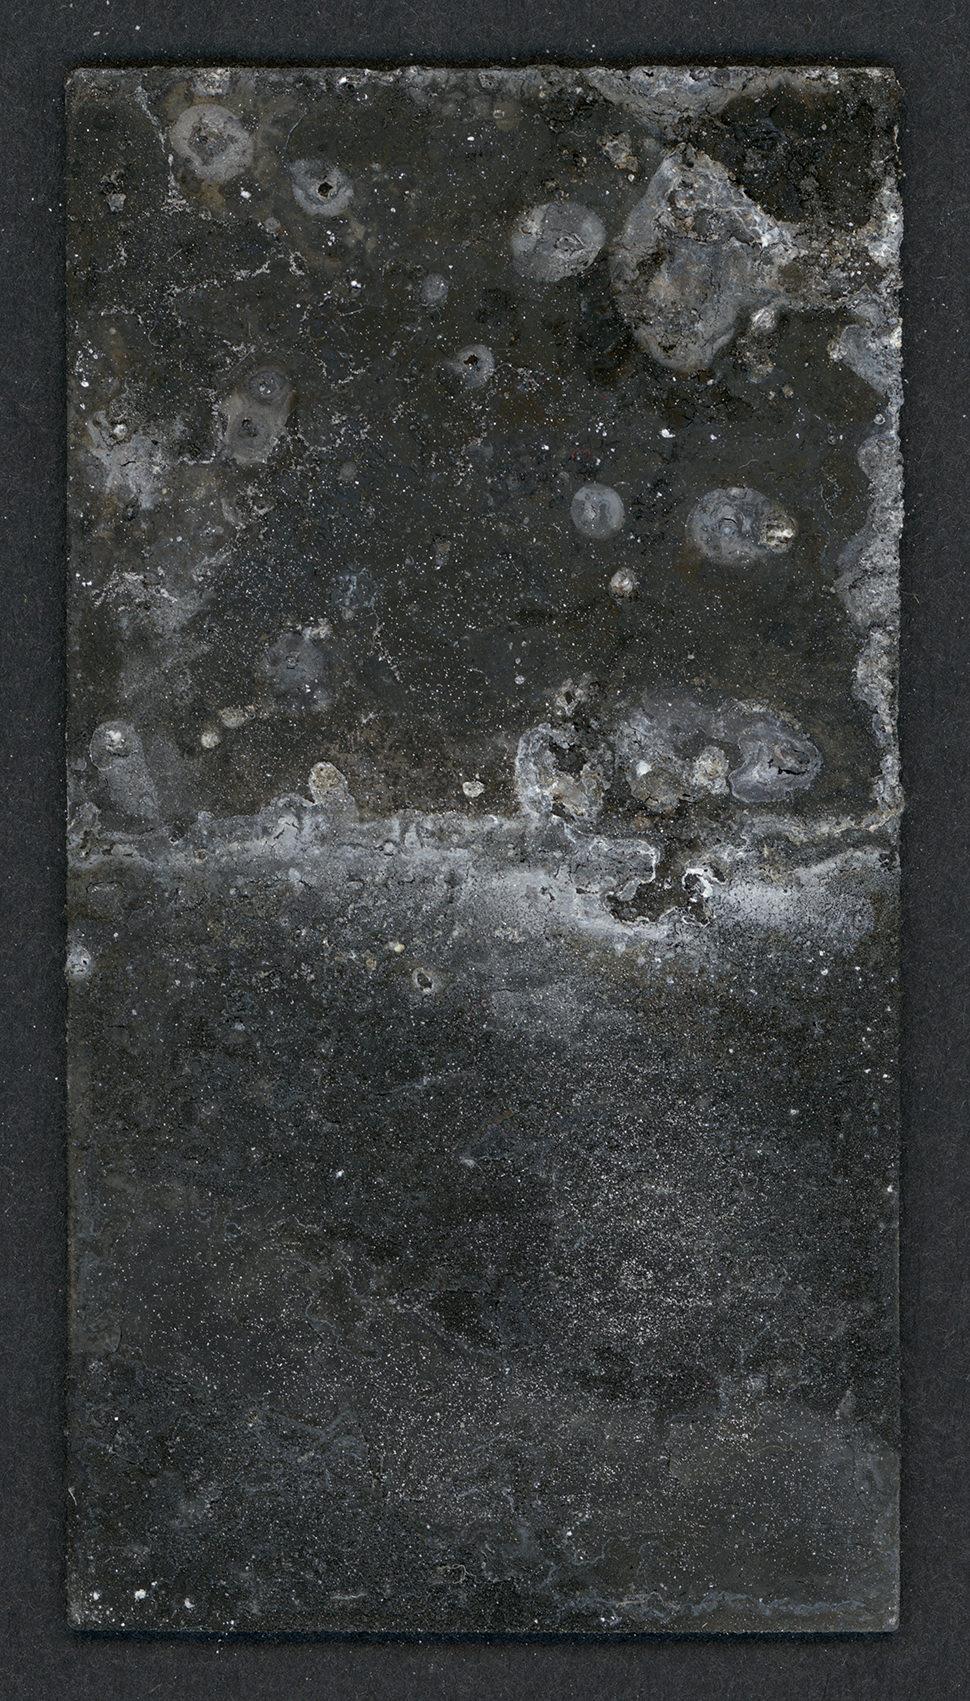 Dobokay Máté: Monolith no. 2, 2019 © Dobokay Máté